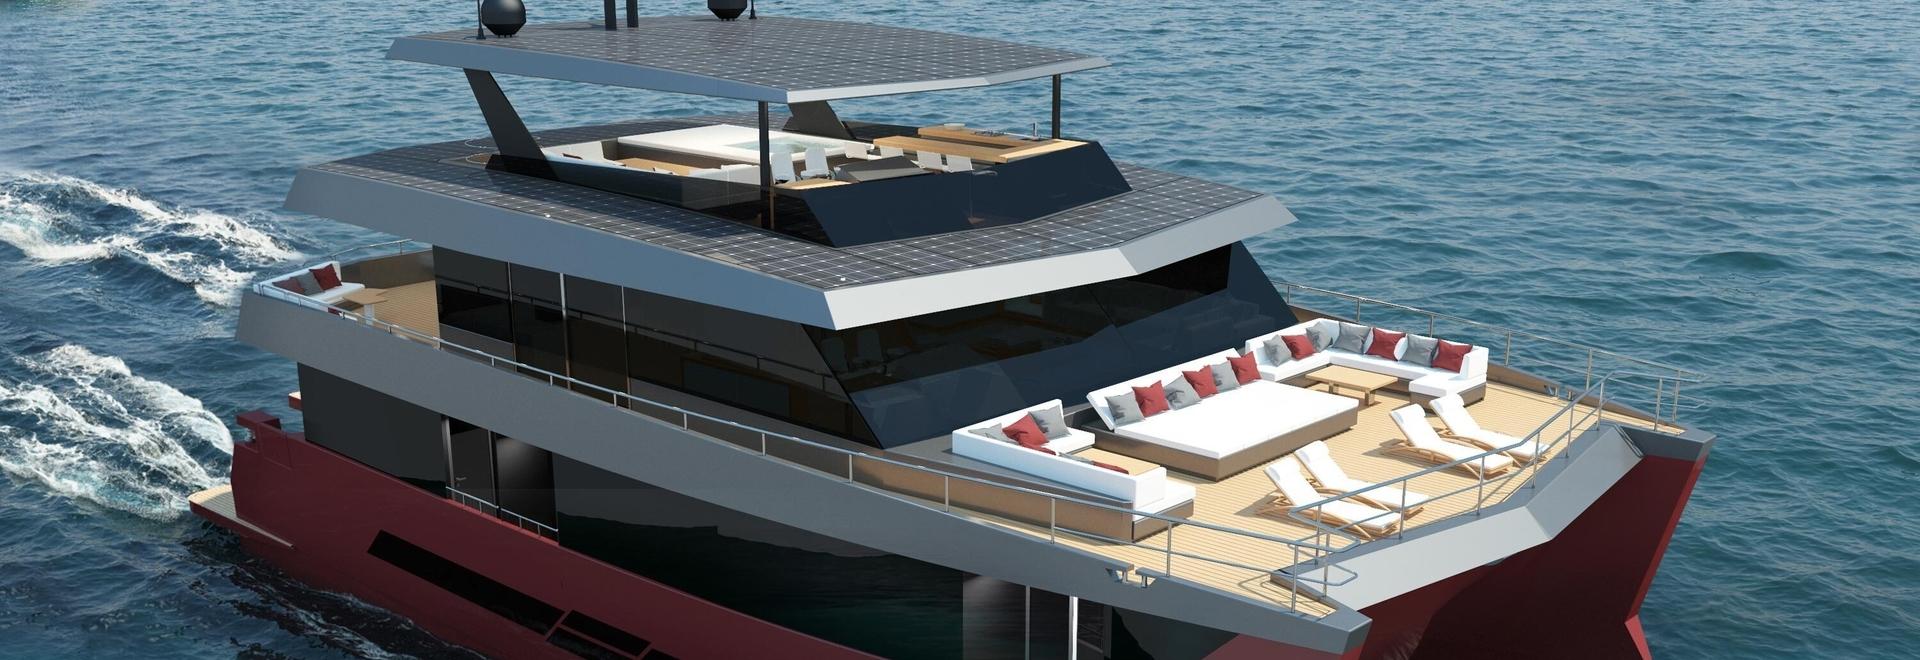 Spaceline 100 Hybrid, un nuovo concetto di catamarano a motore di lusso